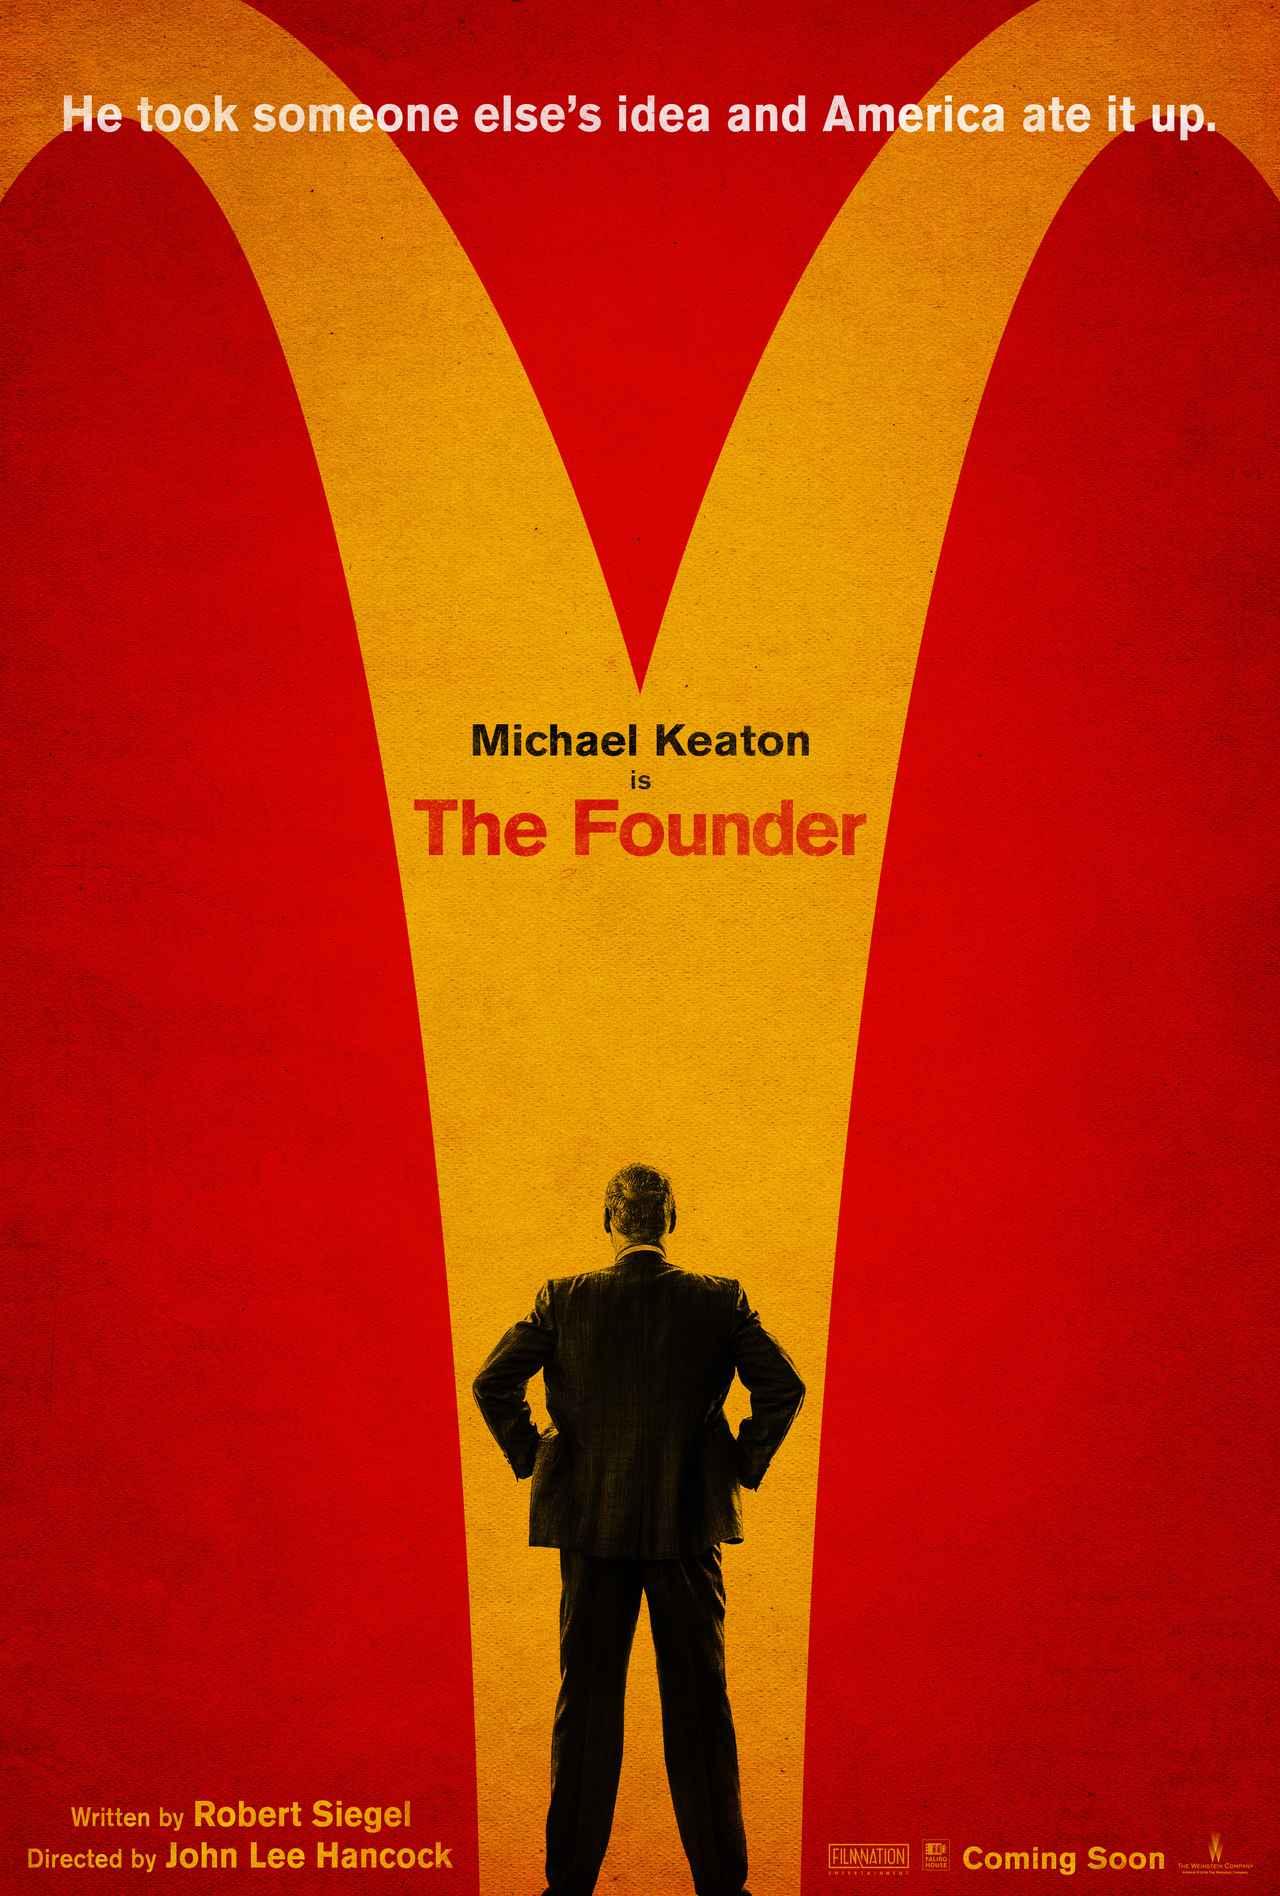 画像: http://deadline.com/2016/04/the-founder-trailer-michael-keaton-mcdonalds-nick-offerman-1201741779/